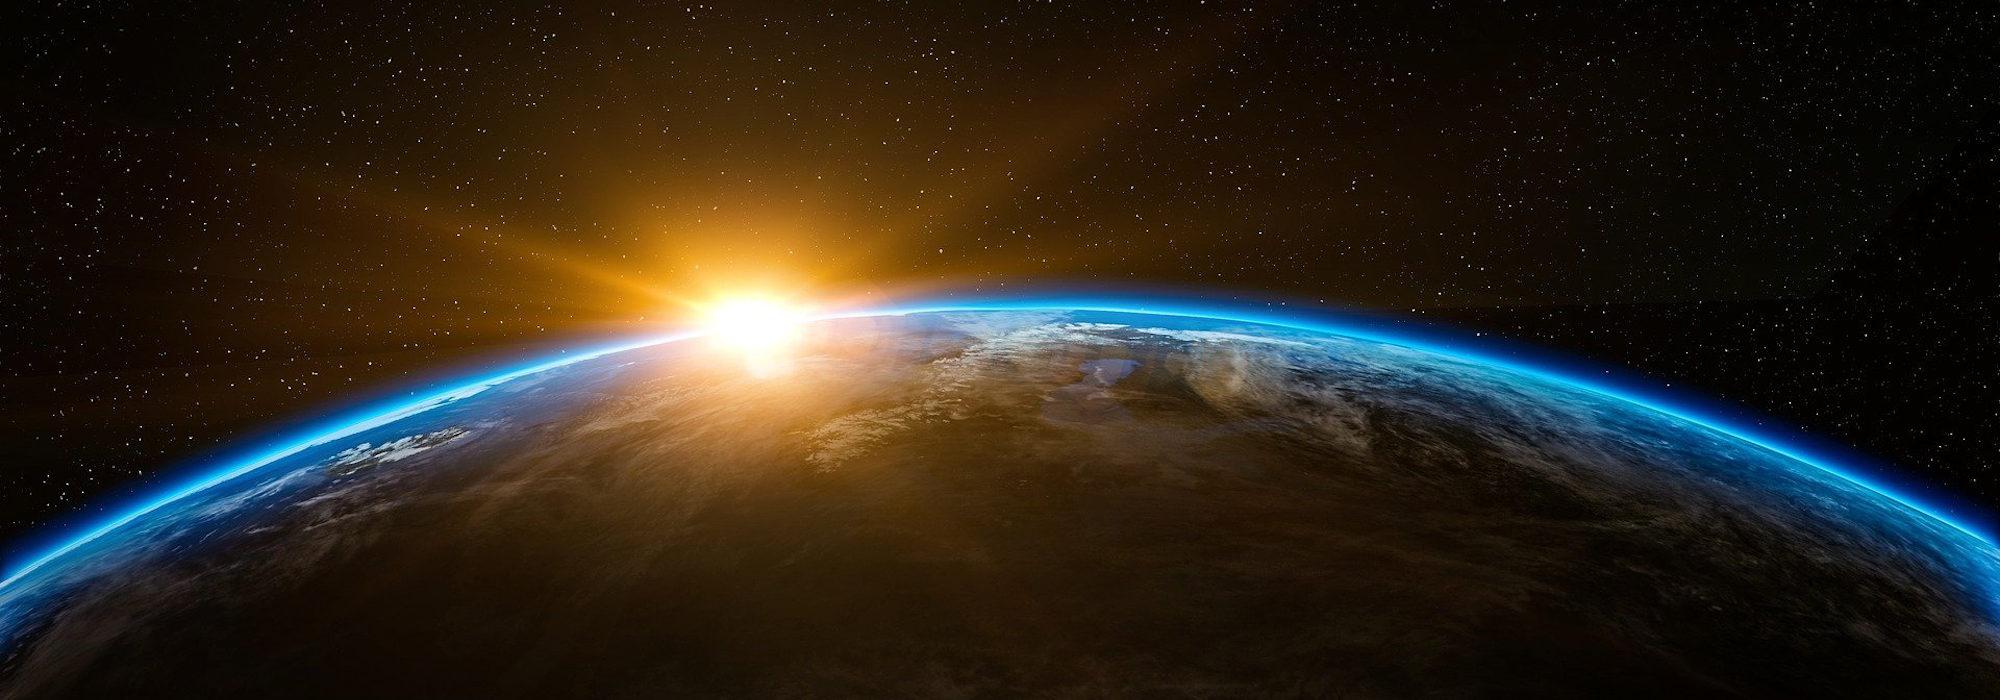 Haberturk | Öteki Gündem – Uzay ve Evrenin Sırları